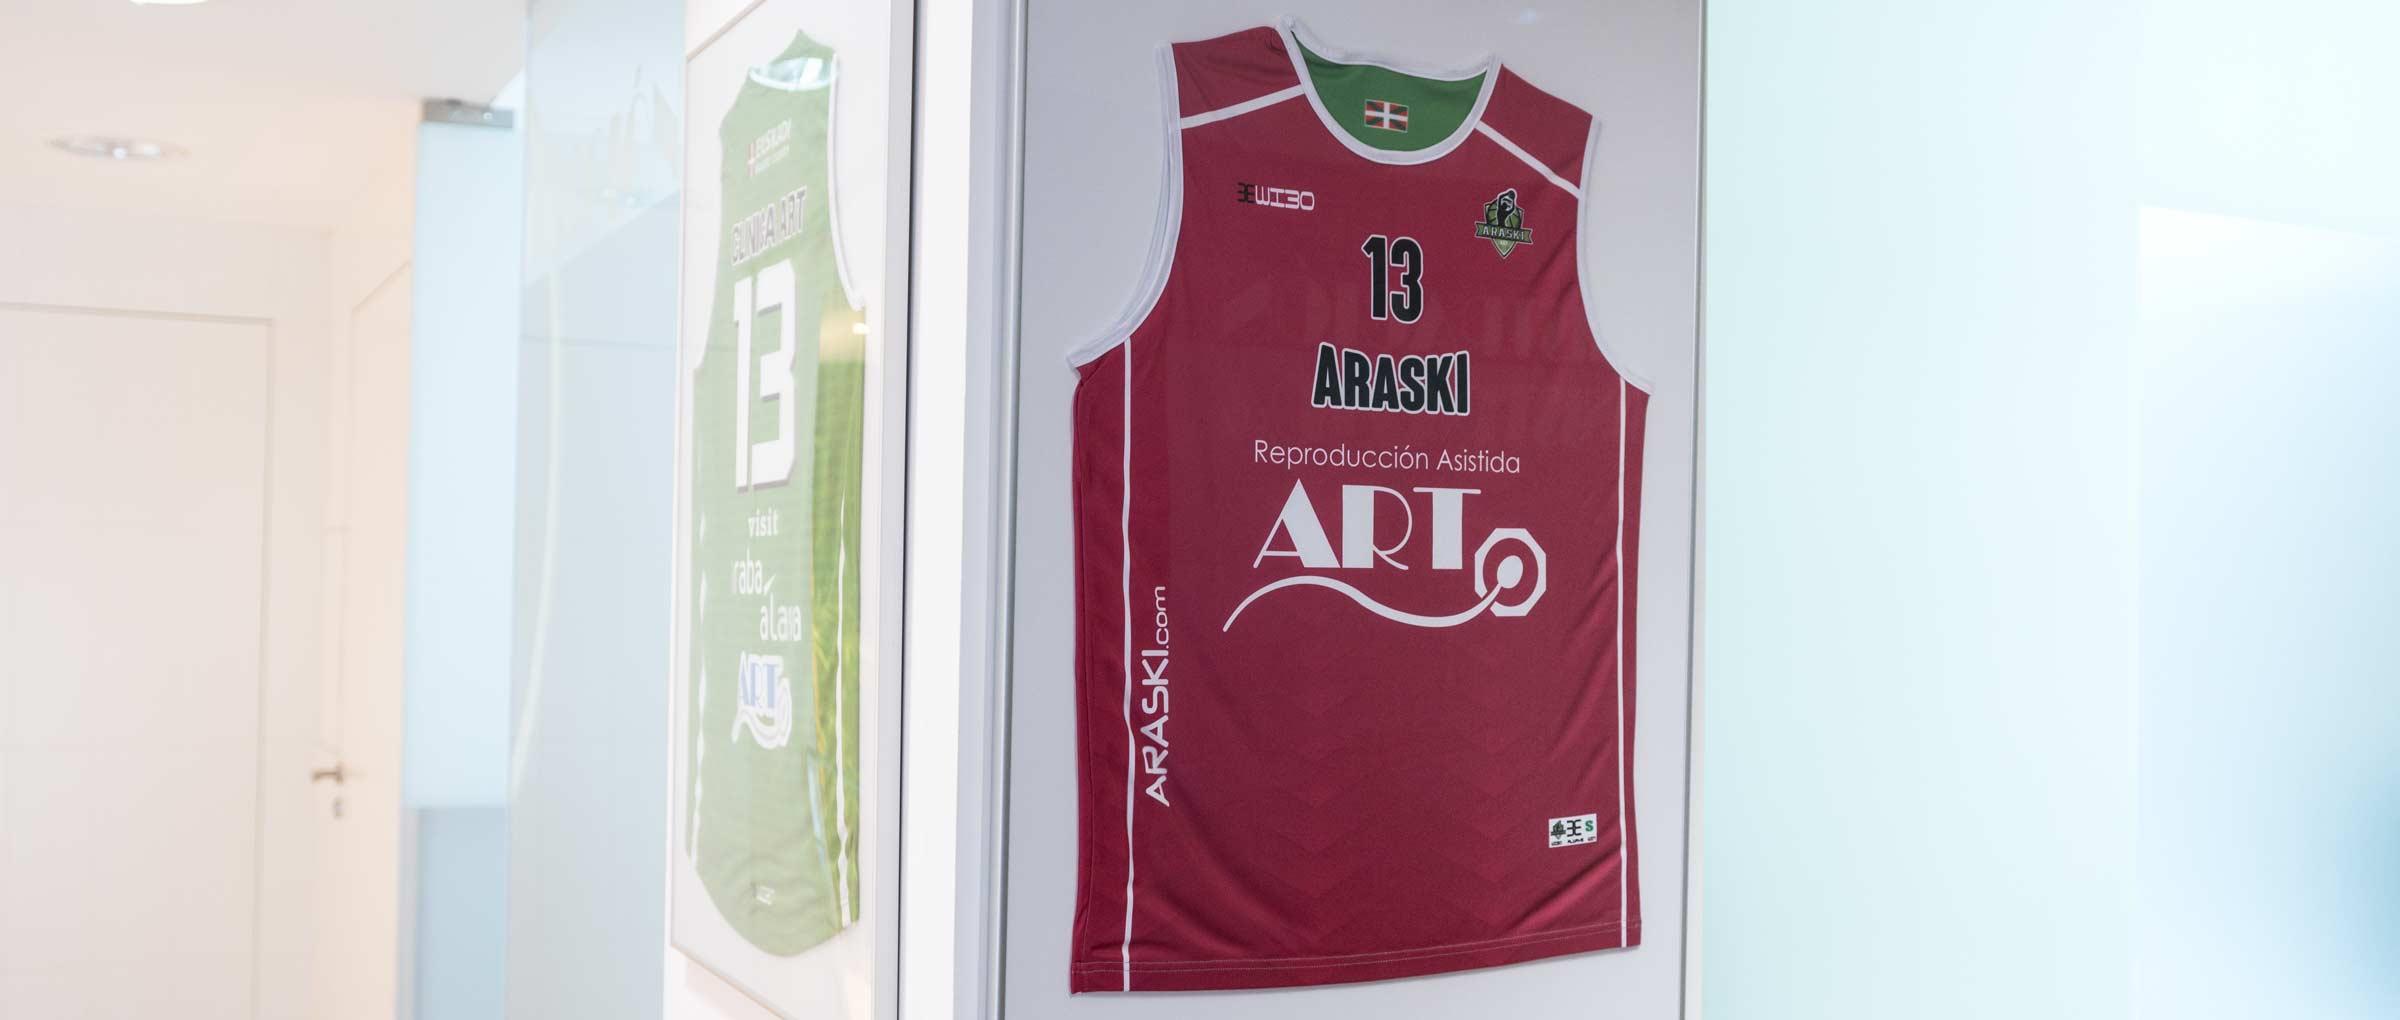 Equipo de baloncesto femenino Reproducción ART Araski